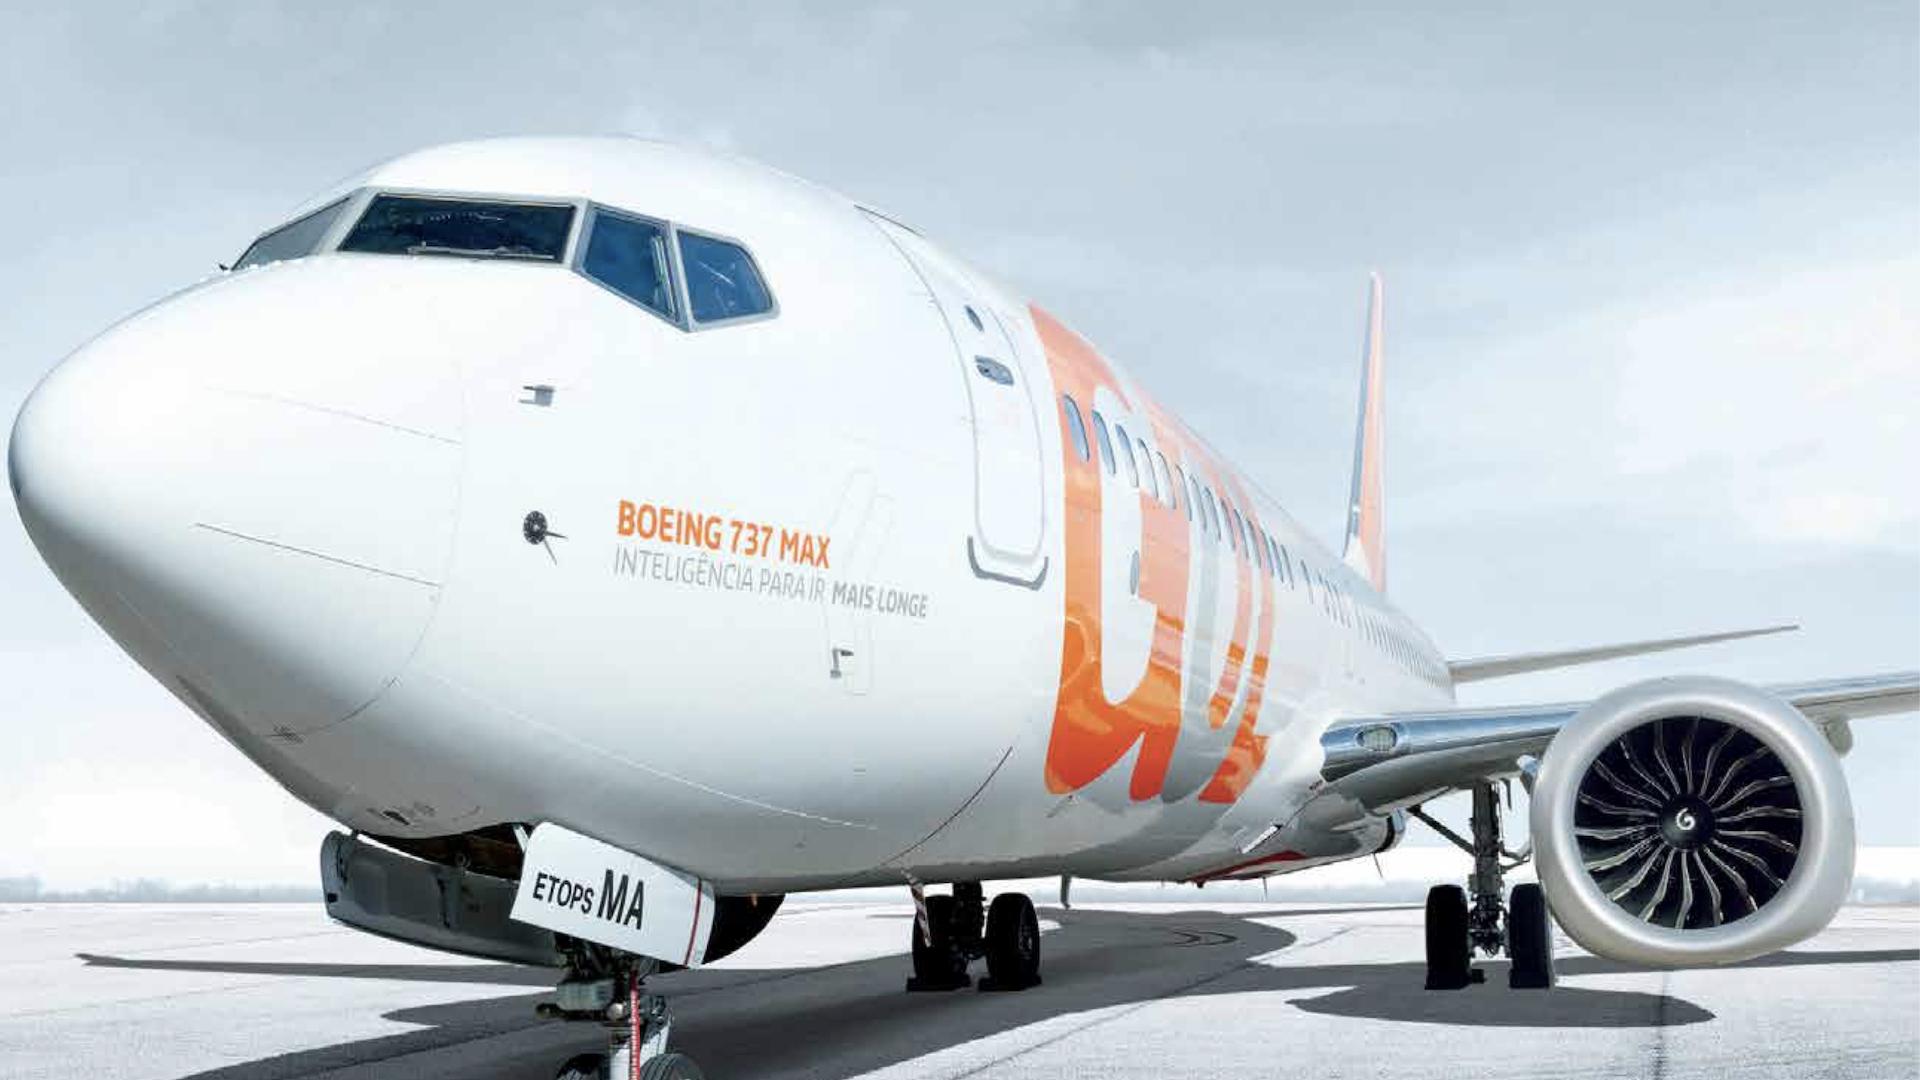 La aerolínea GOL anunció que volverá a volar a Argentina en diciembre    Conocedores.com — Conocedores.com